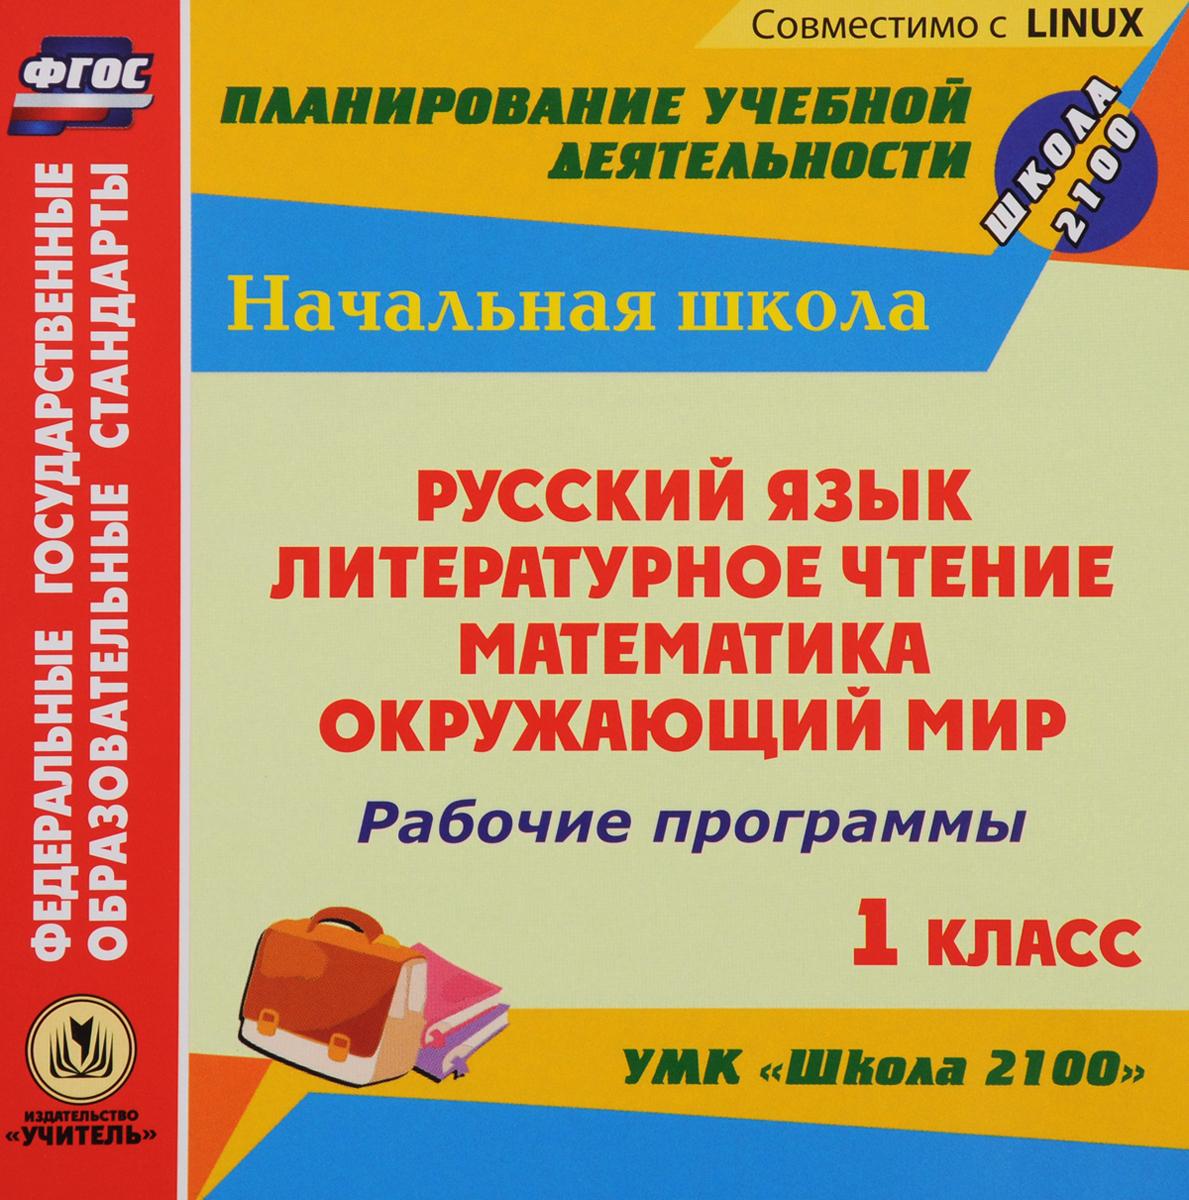 Рабочие программы. УМК Школа 2100. 1 класс. Русский язык. Литературное чтение. Математика. Окружающий мир